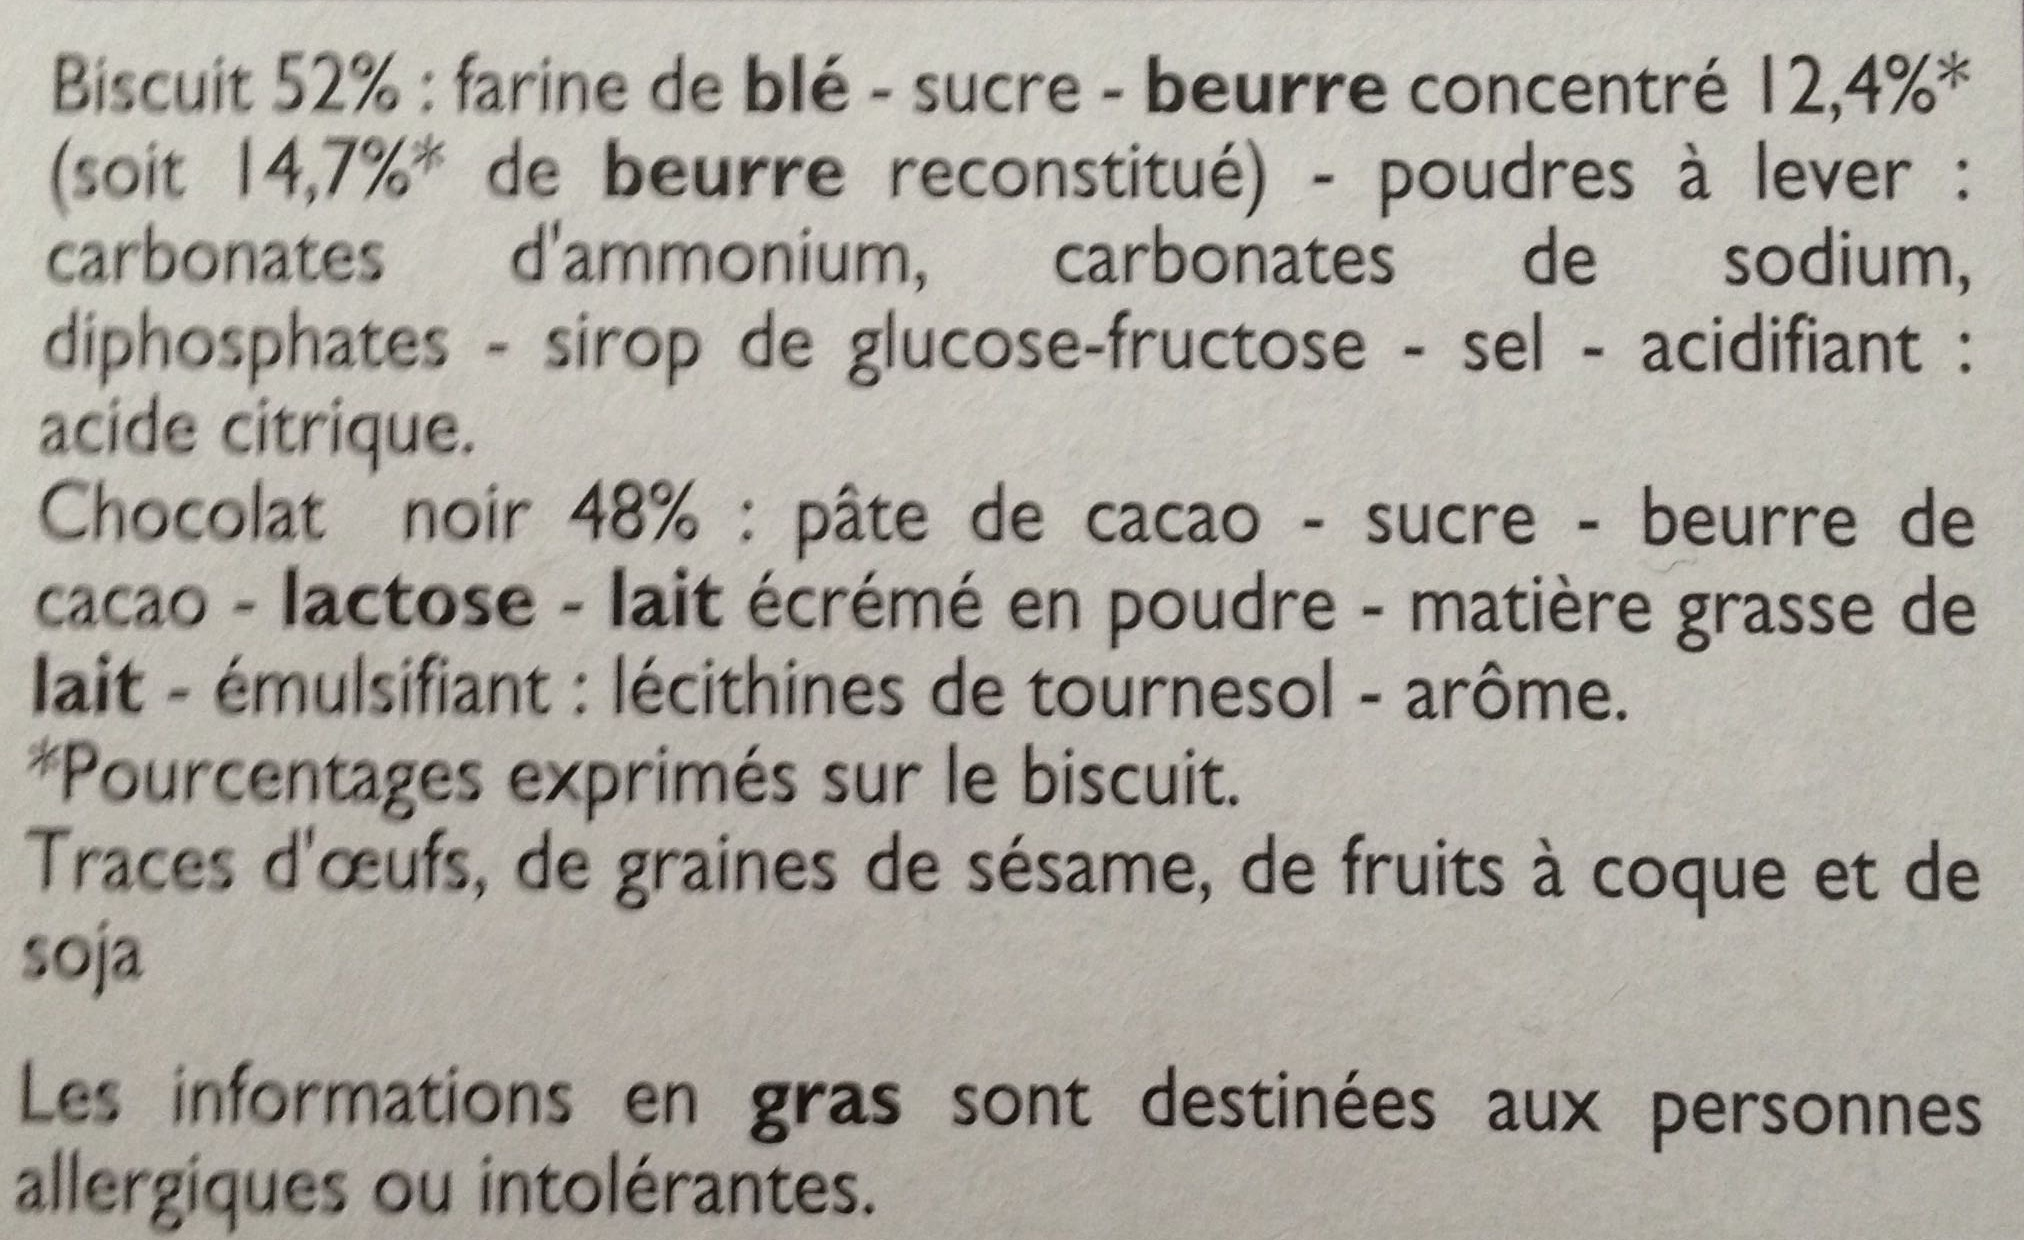 P'tit Sacripant Petits Beurre Chocolat Noir - Ingrediënten